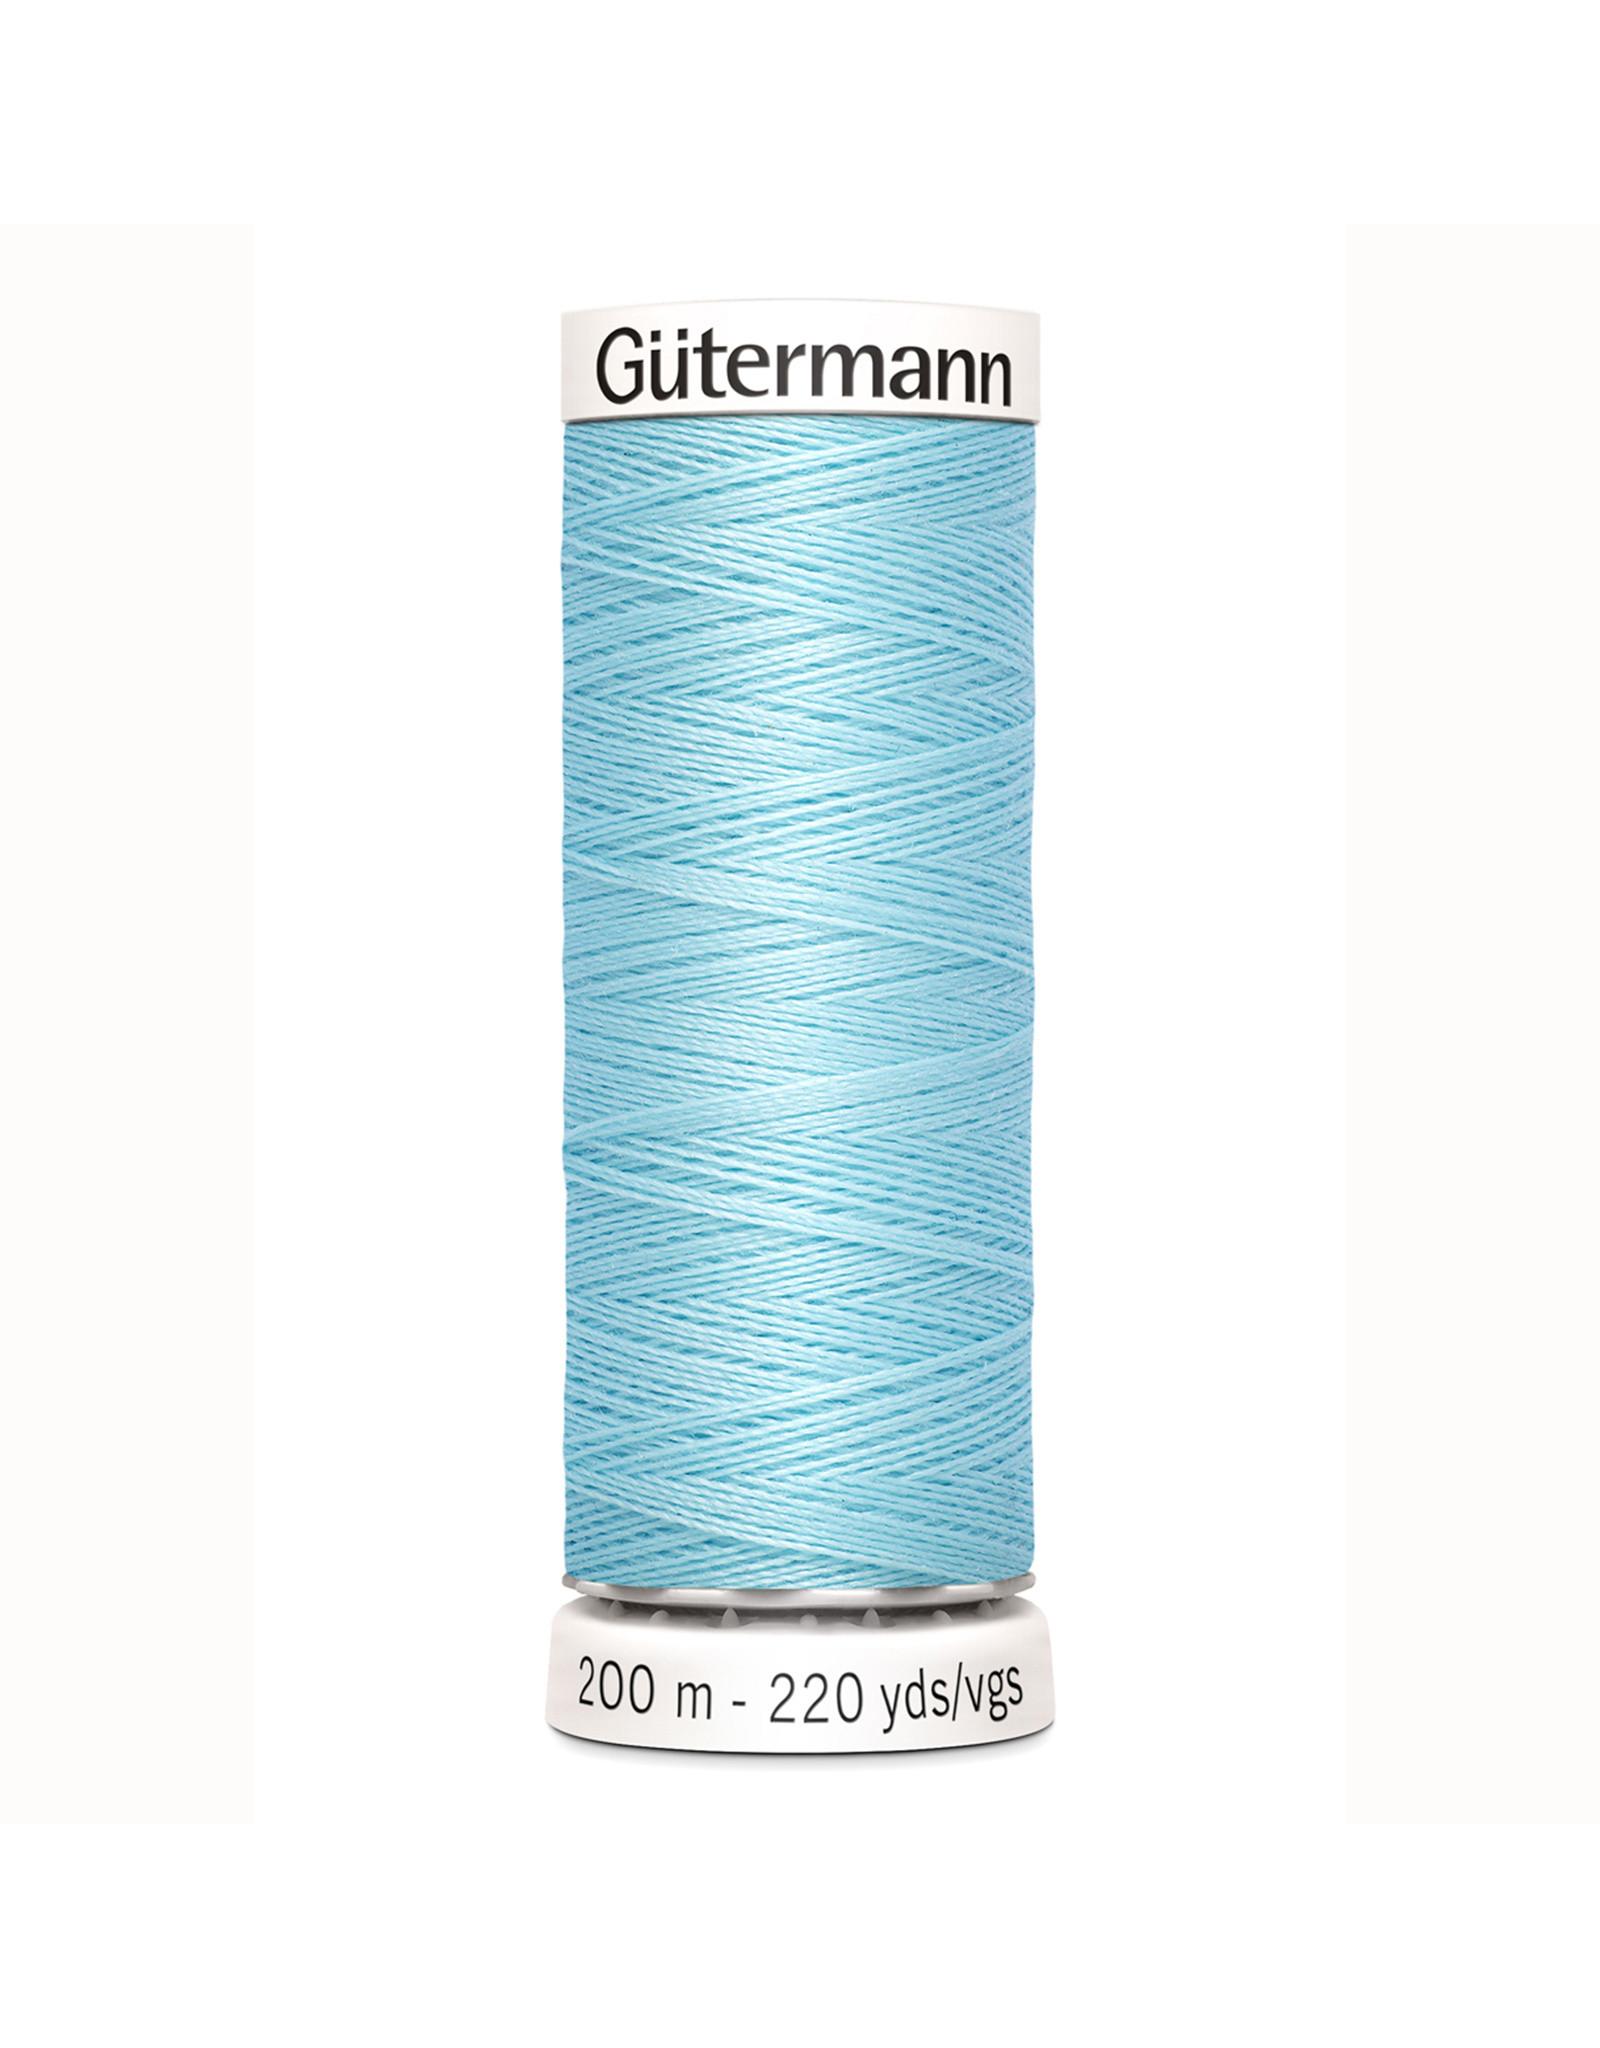 Gütermann Gütermann Nähgarn 200 m - nr 195